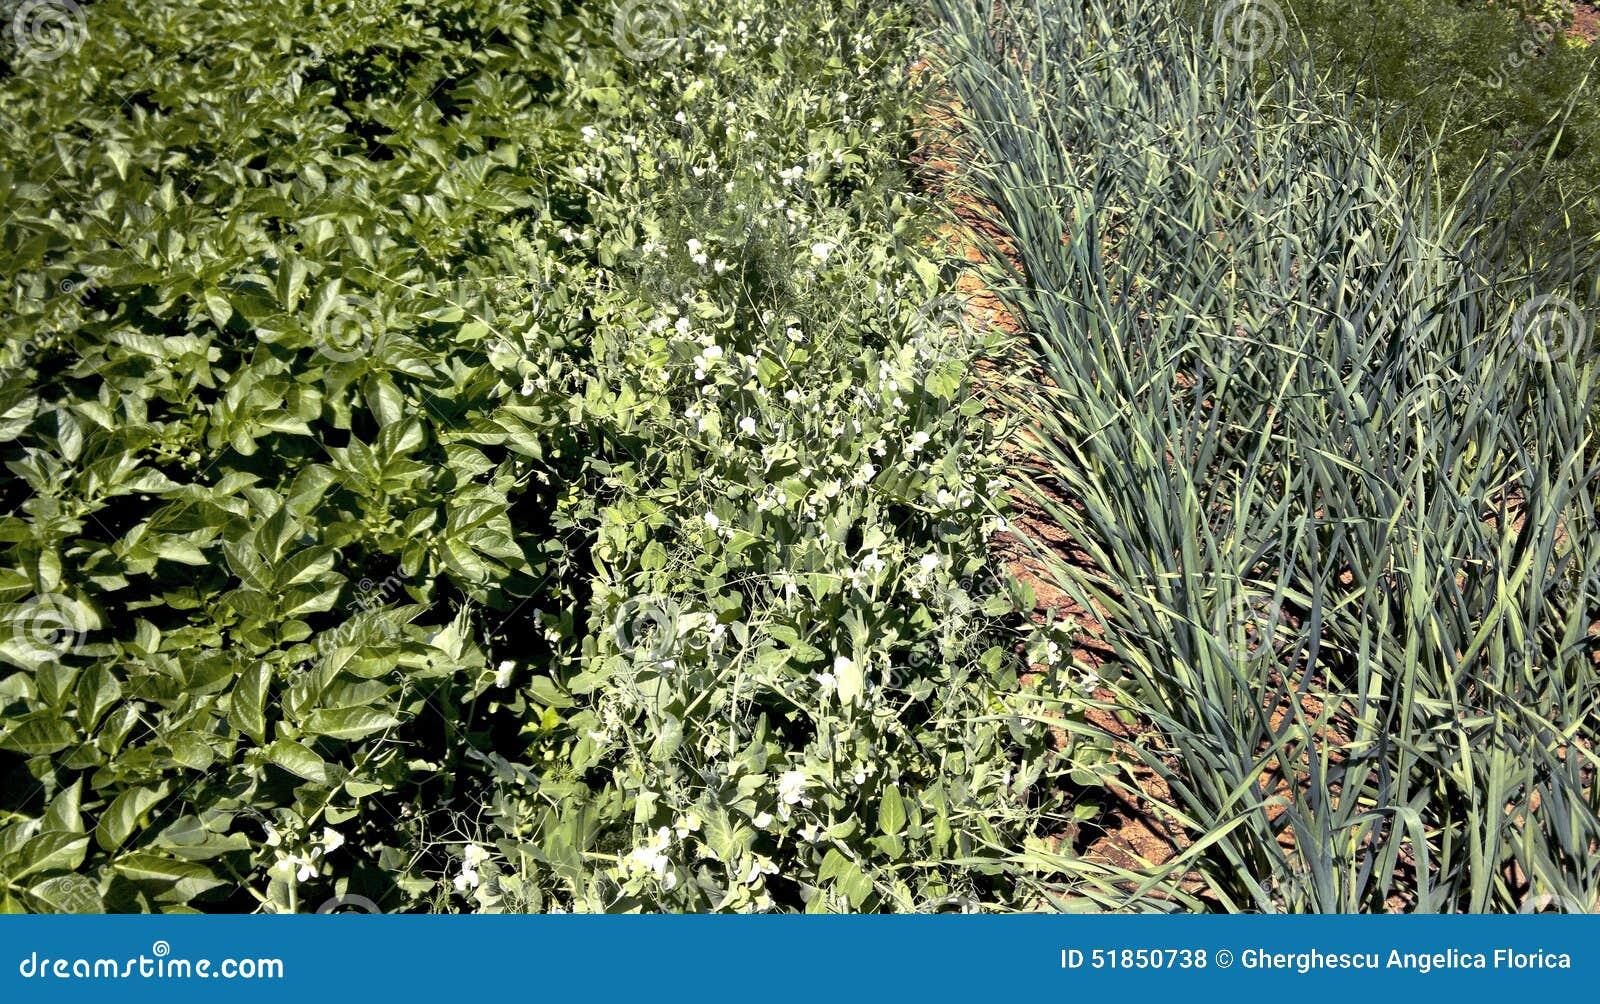 plantas jardim fotos : plantas jardim fotos:Plantas No Jardim Foto de Stock – Imagem: 51850738